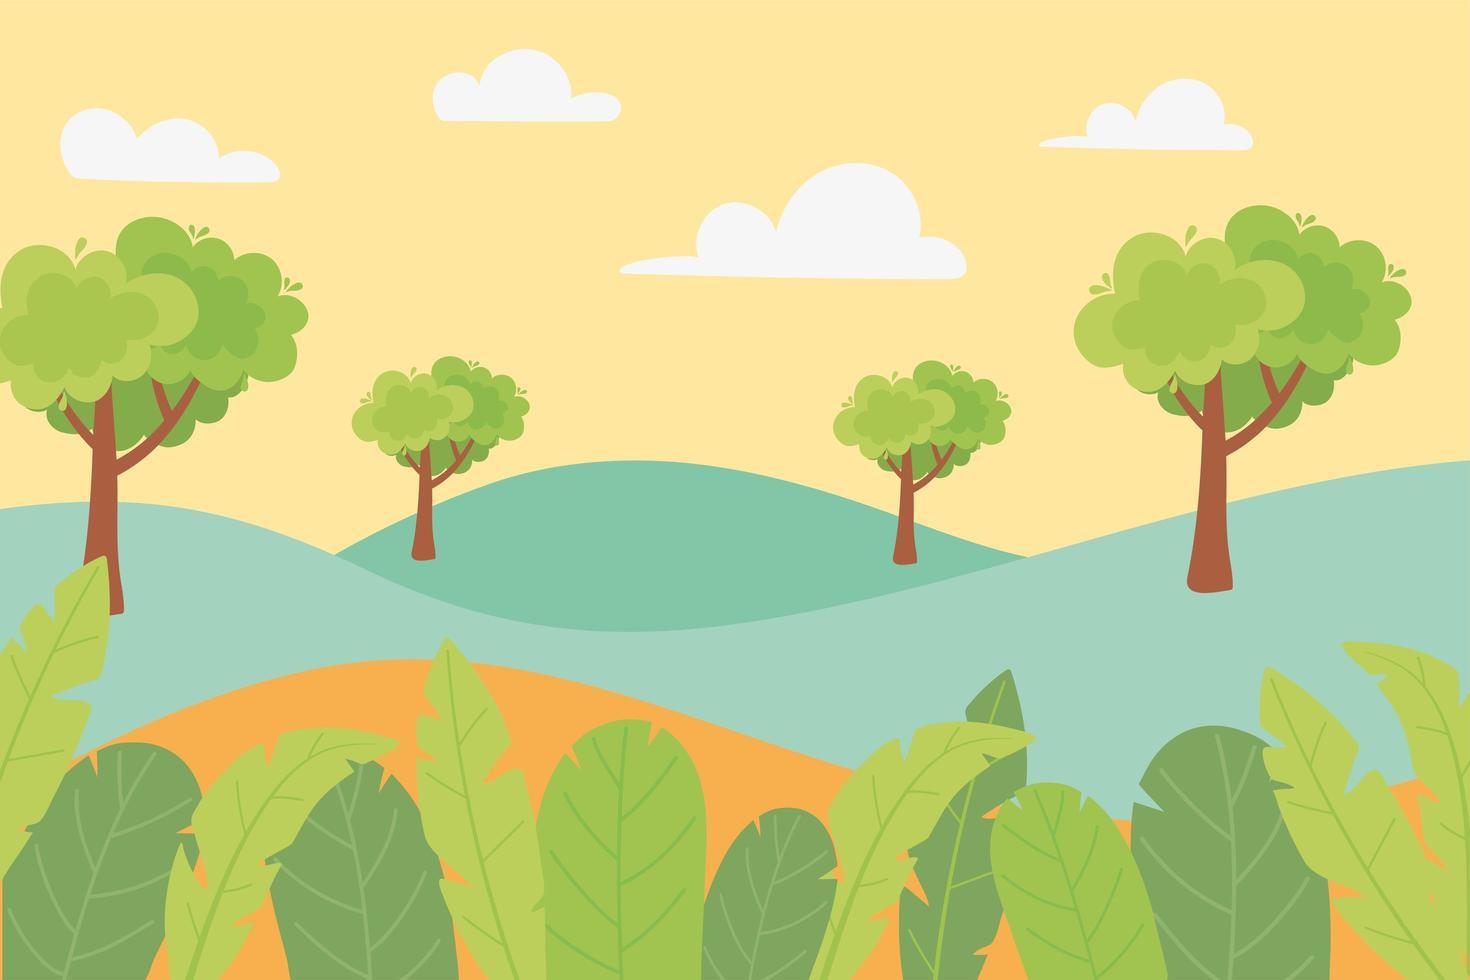 paisagem de colinas, árvores, folhas, folhagens e prados vetor